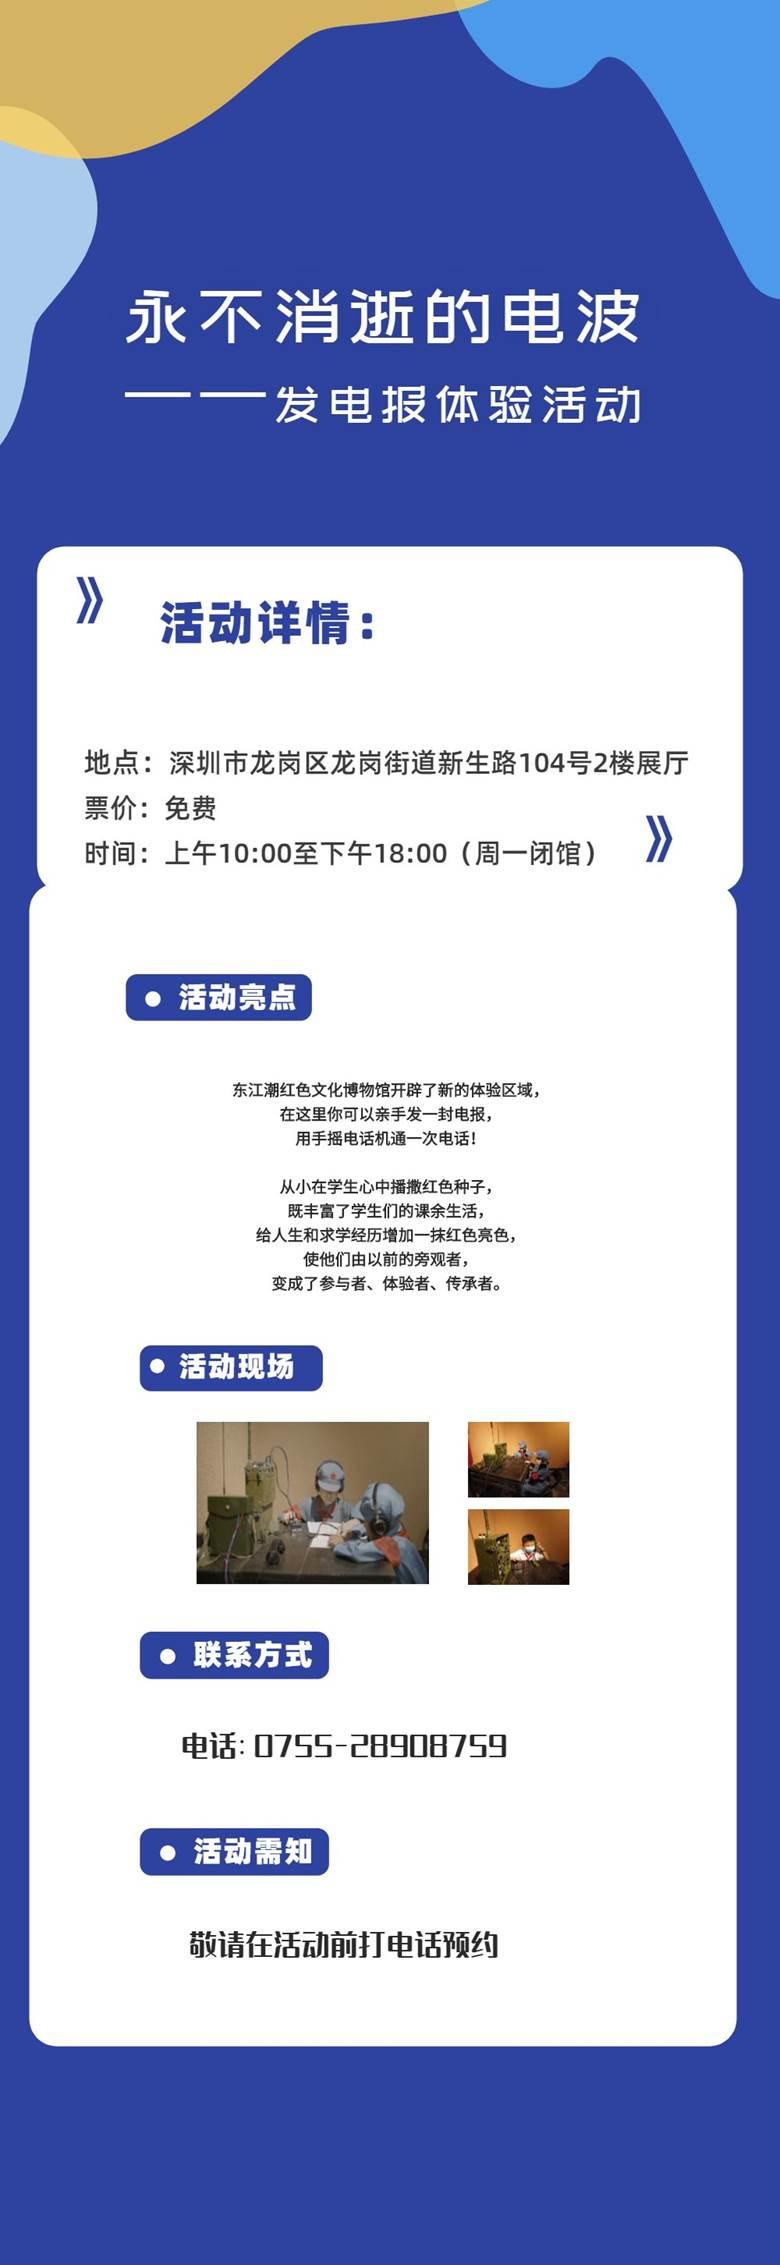 早报日报速报快讯快报晨读文章长图-1.png